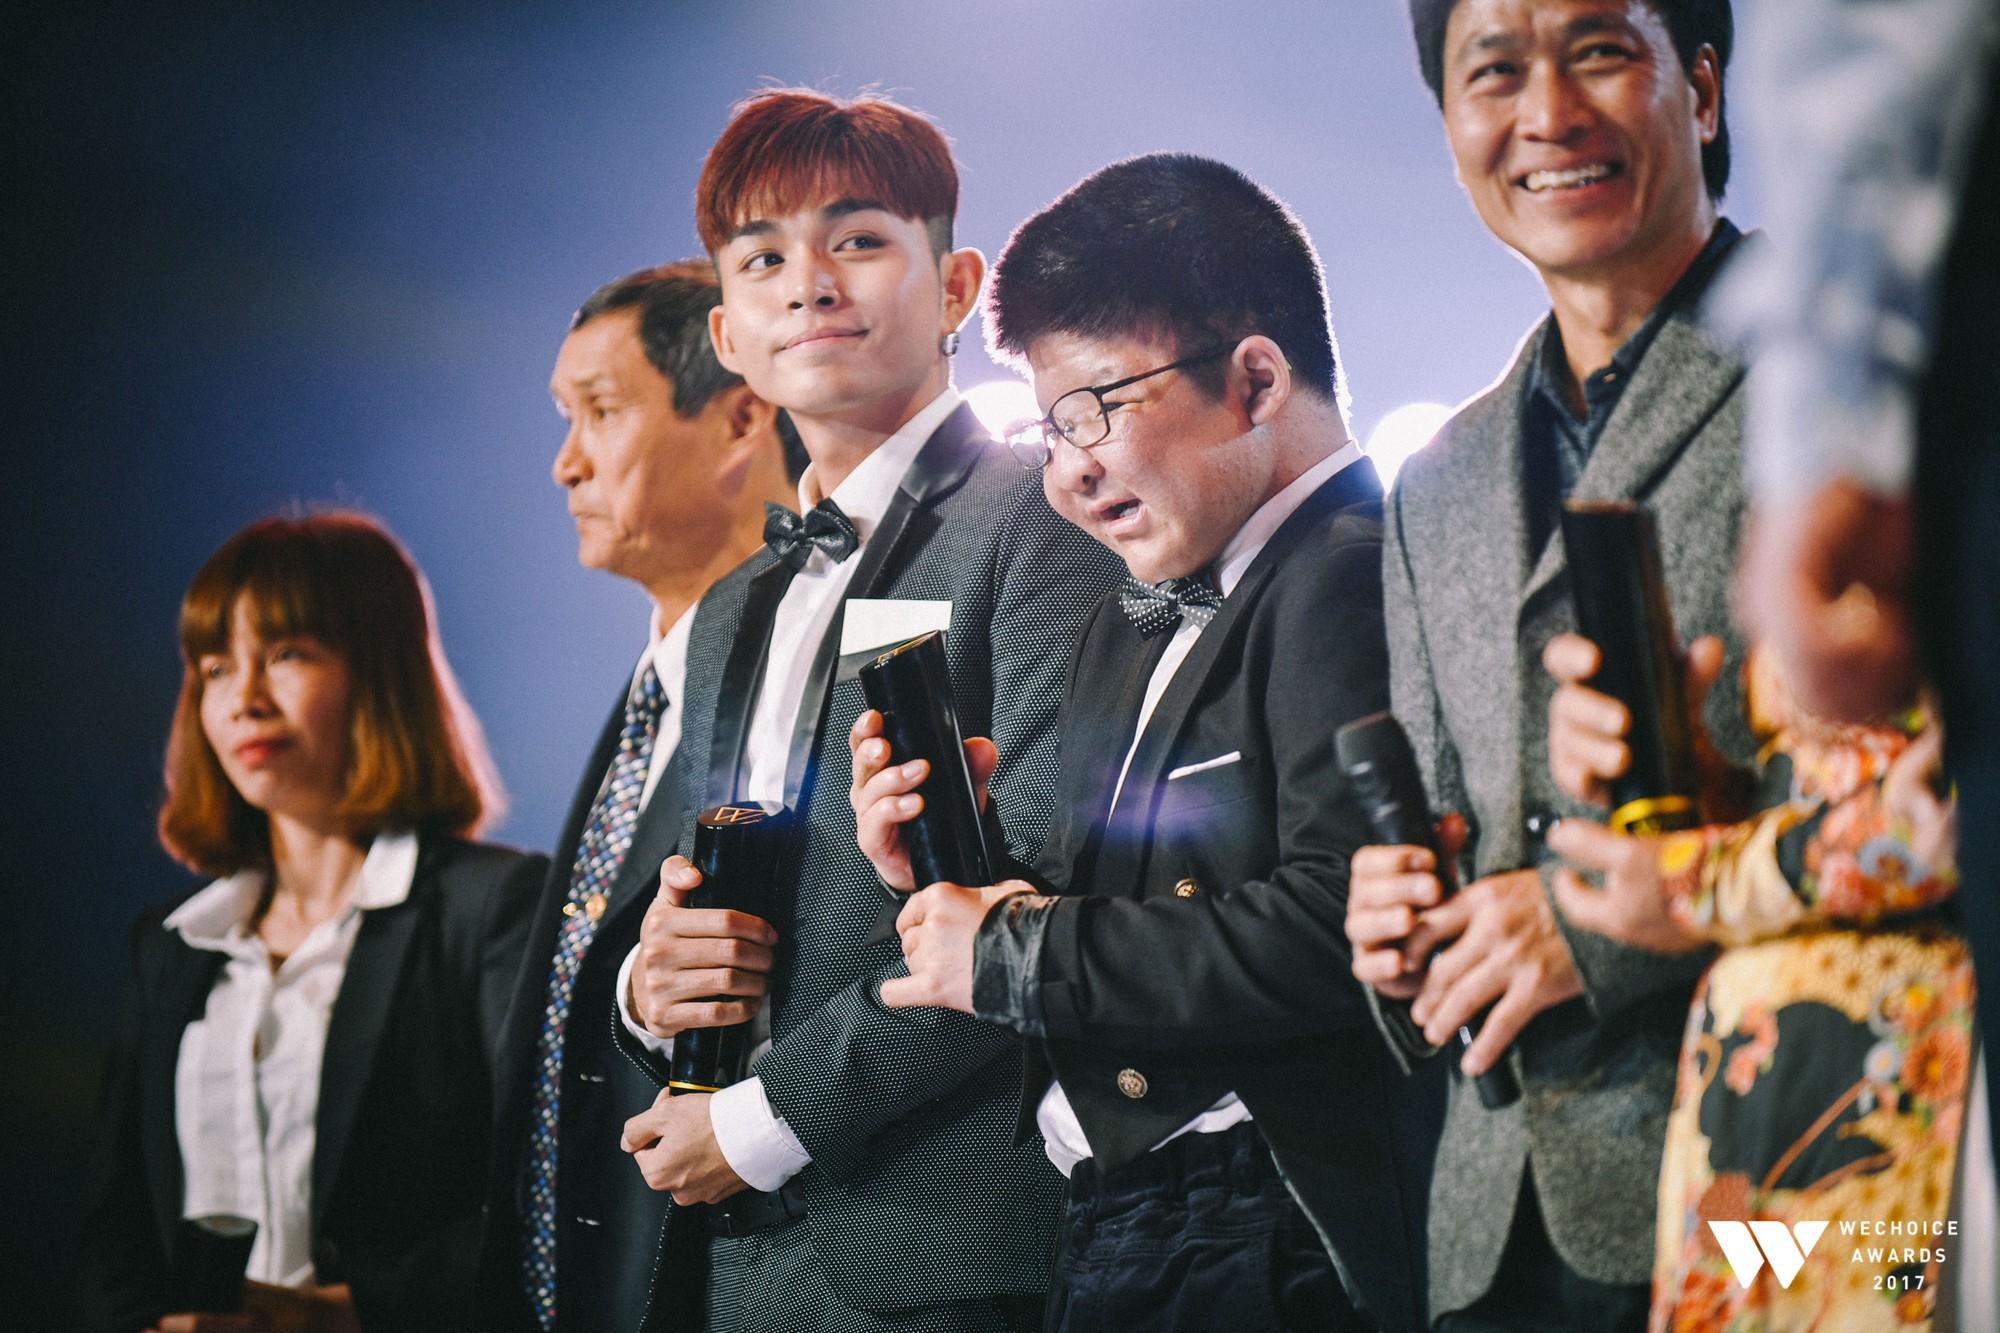 Khoảnh khắc WeChoice Awards: Đẹp nhất là khi Sơn Tùng, bé Bôm và các nghệ sĩ Việt cùng chậm lại trong dòng cảm xúc vỡ òa - Ảnh 38.